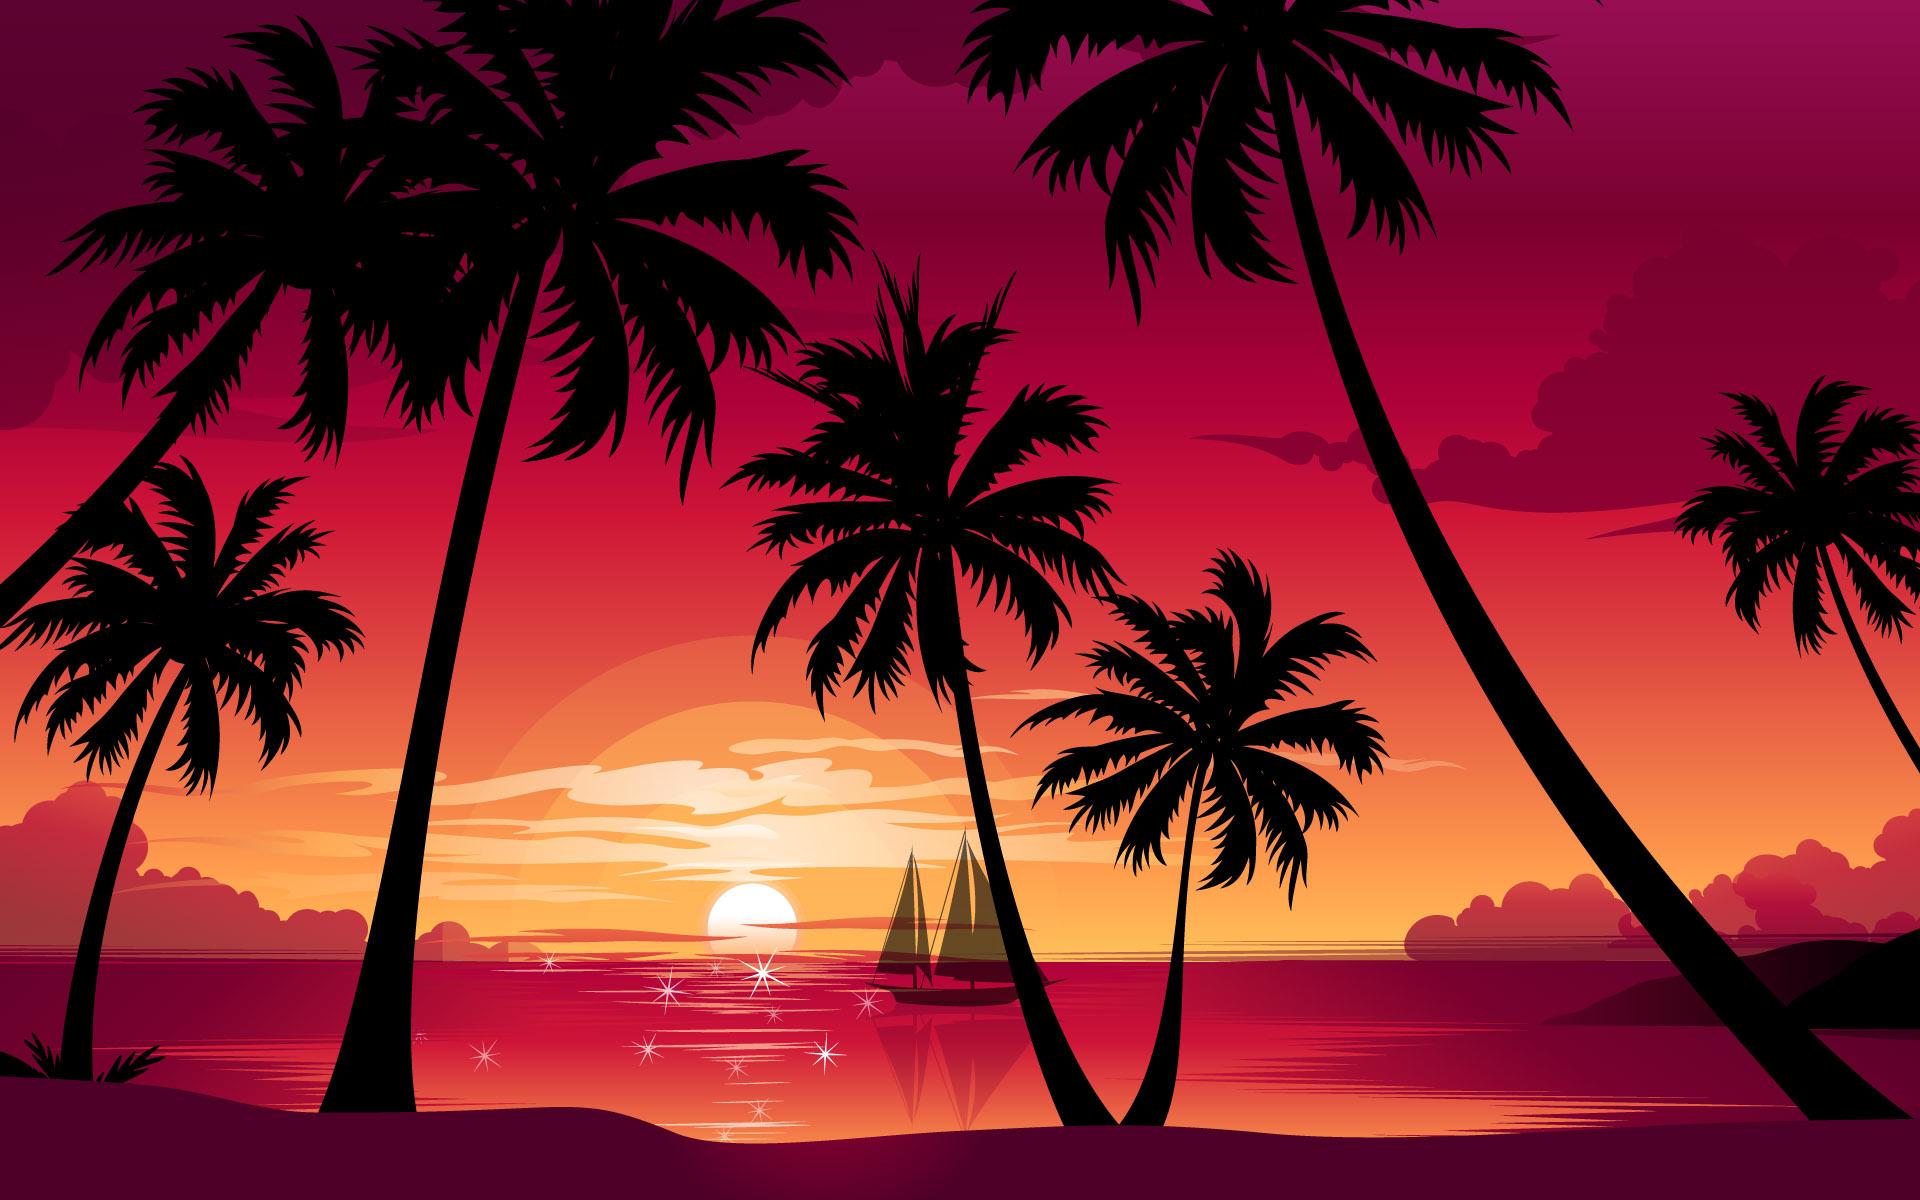 1920x1200 Drawing Beach Sunset Wallpaper Wallpaper Wallpaperlepi